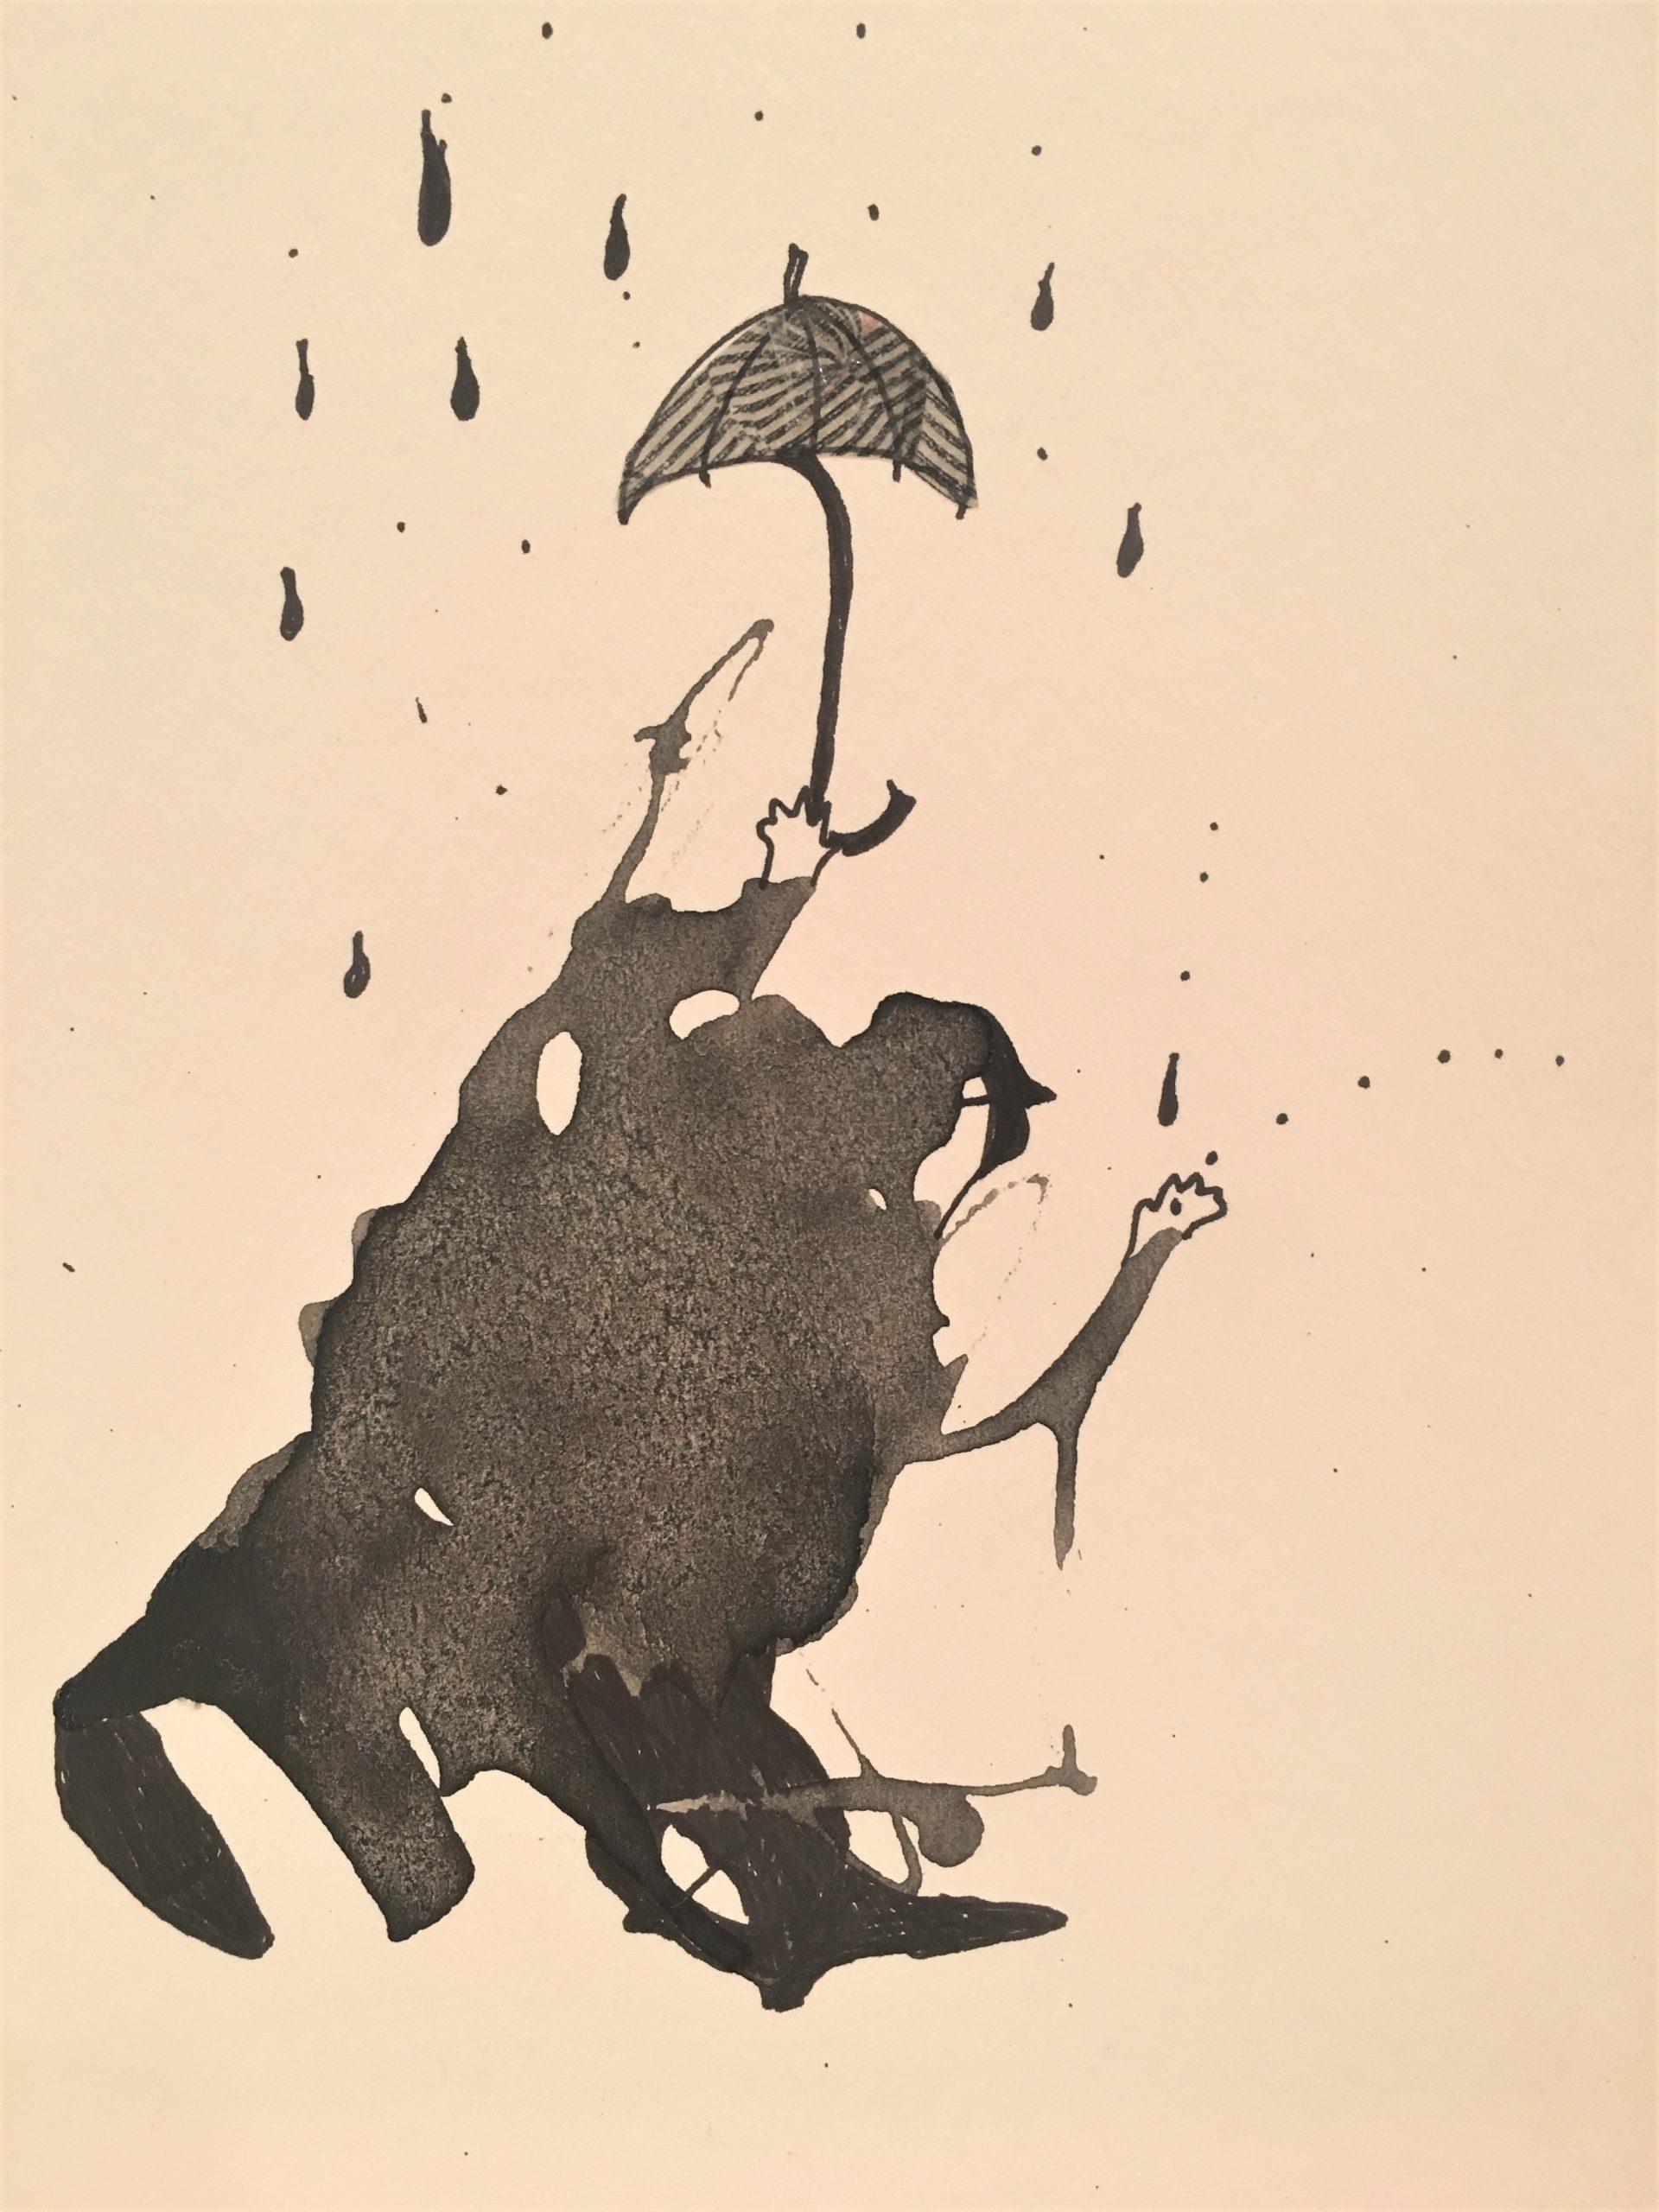 Still Raining - Sold